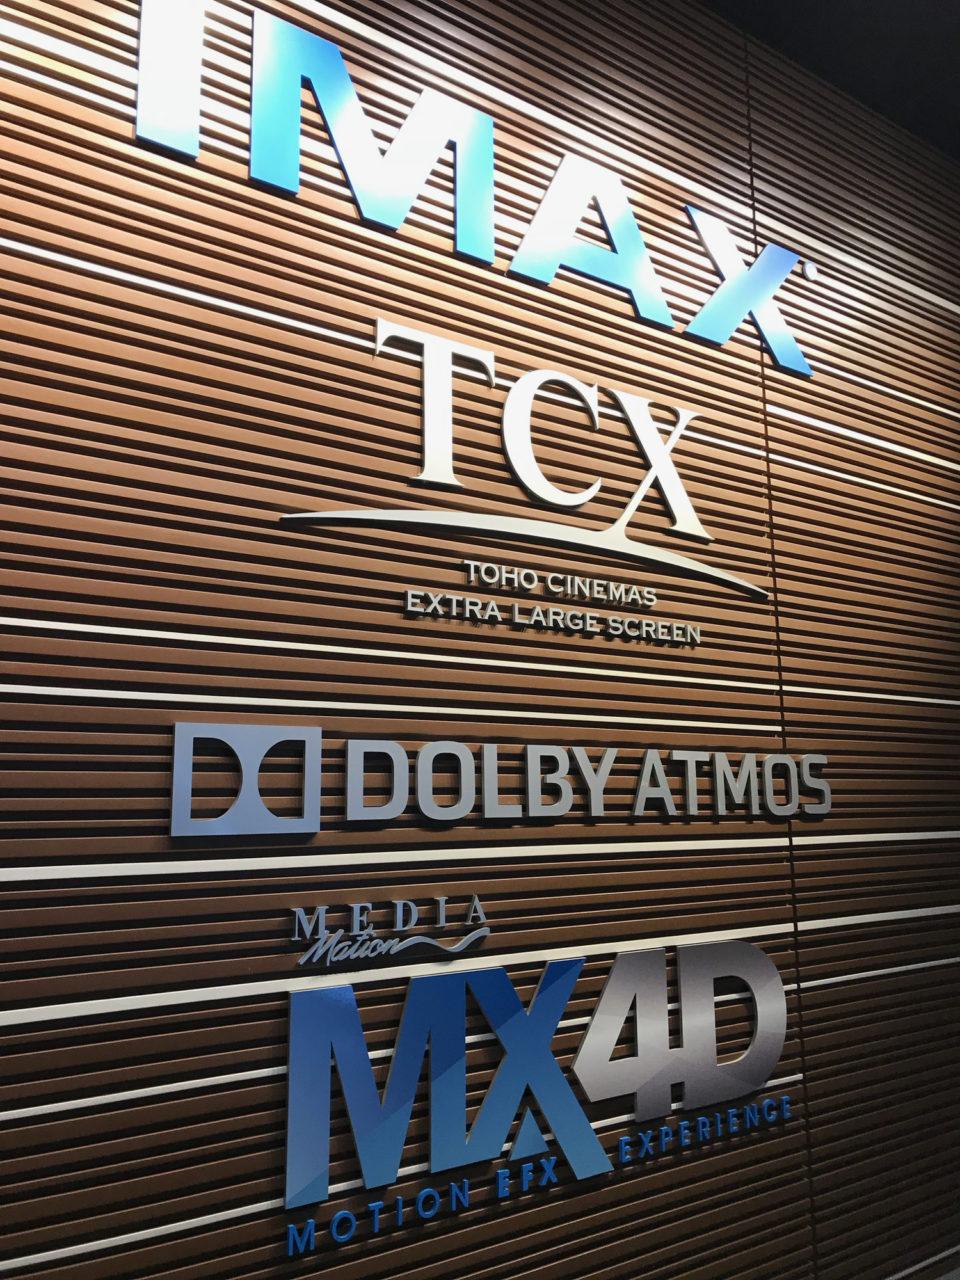 IMAXを初めて体験します